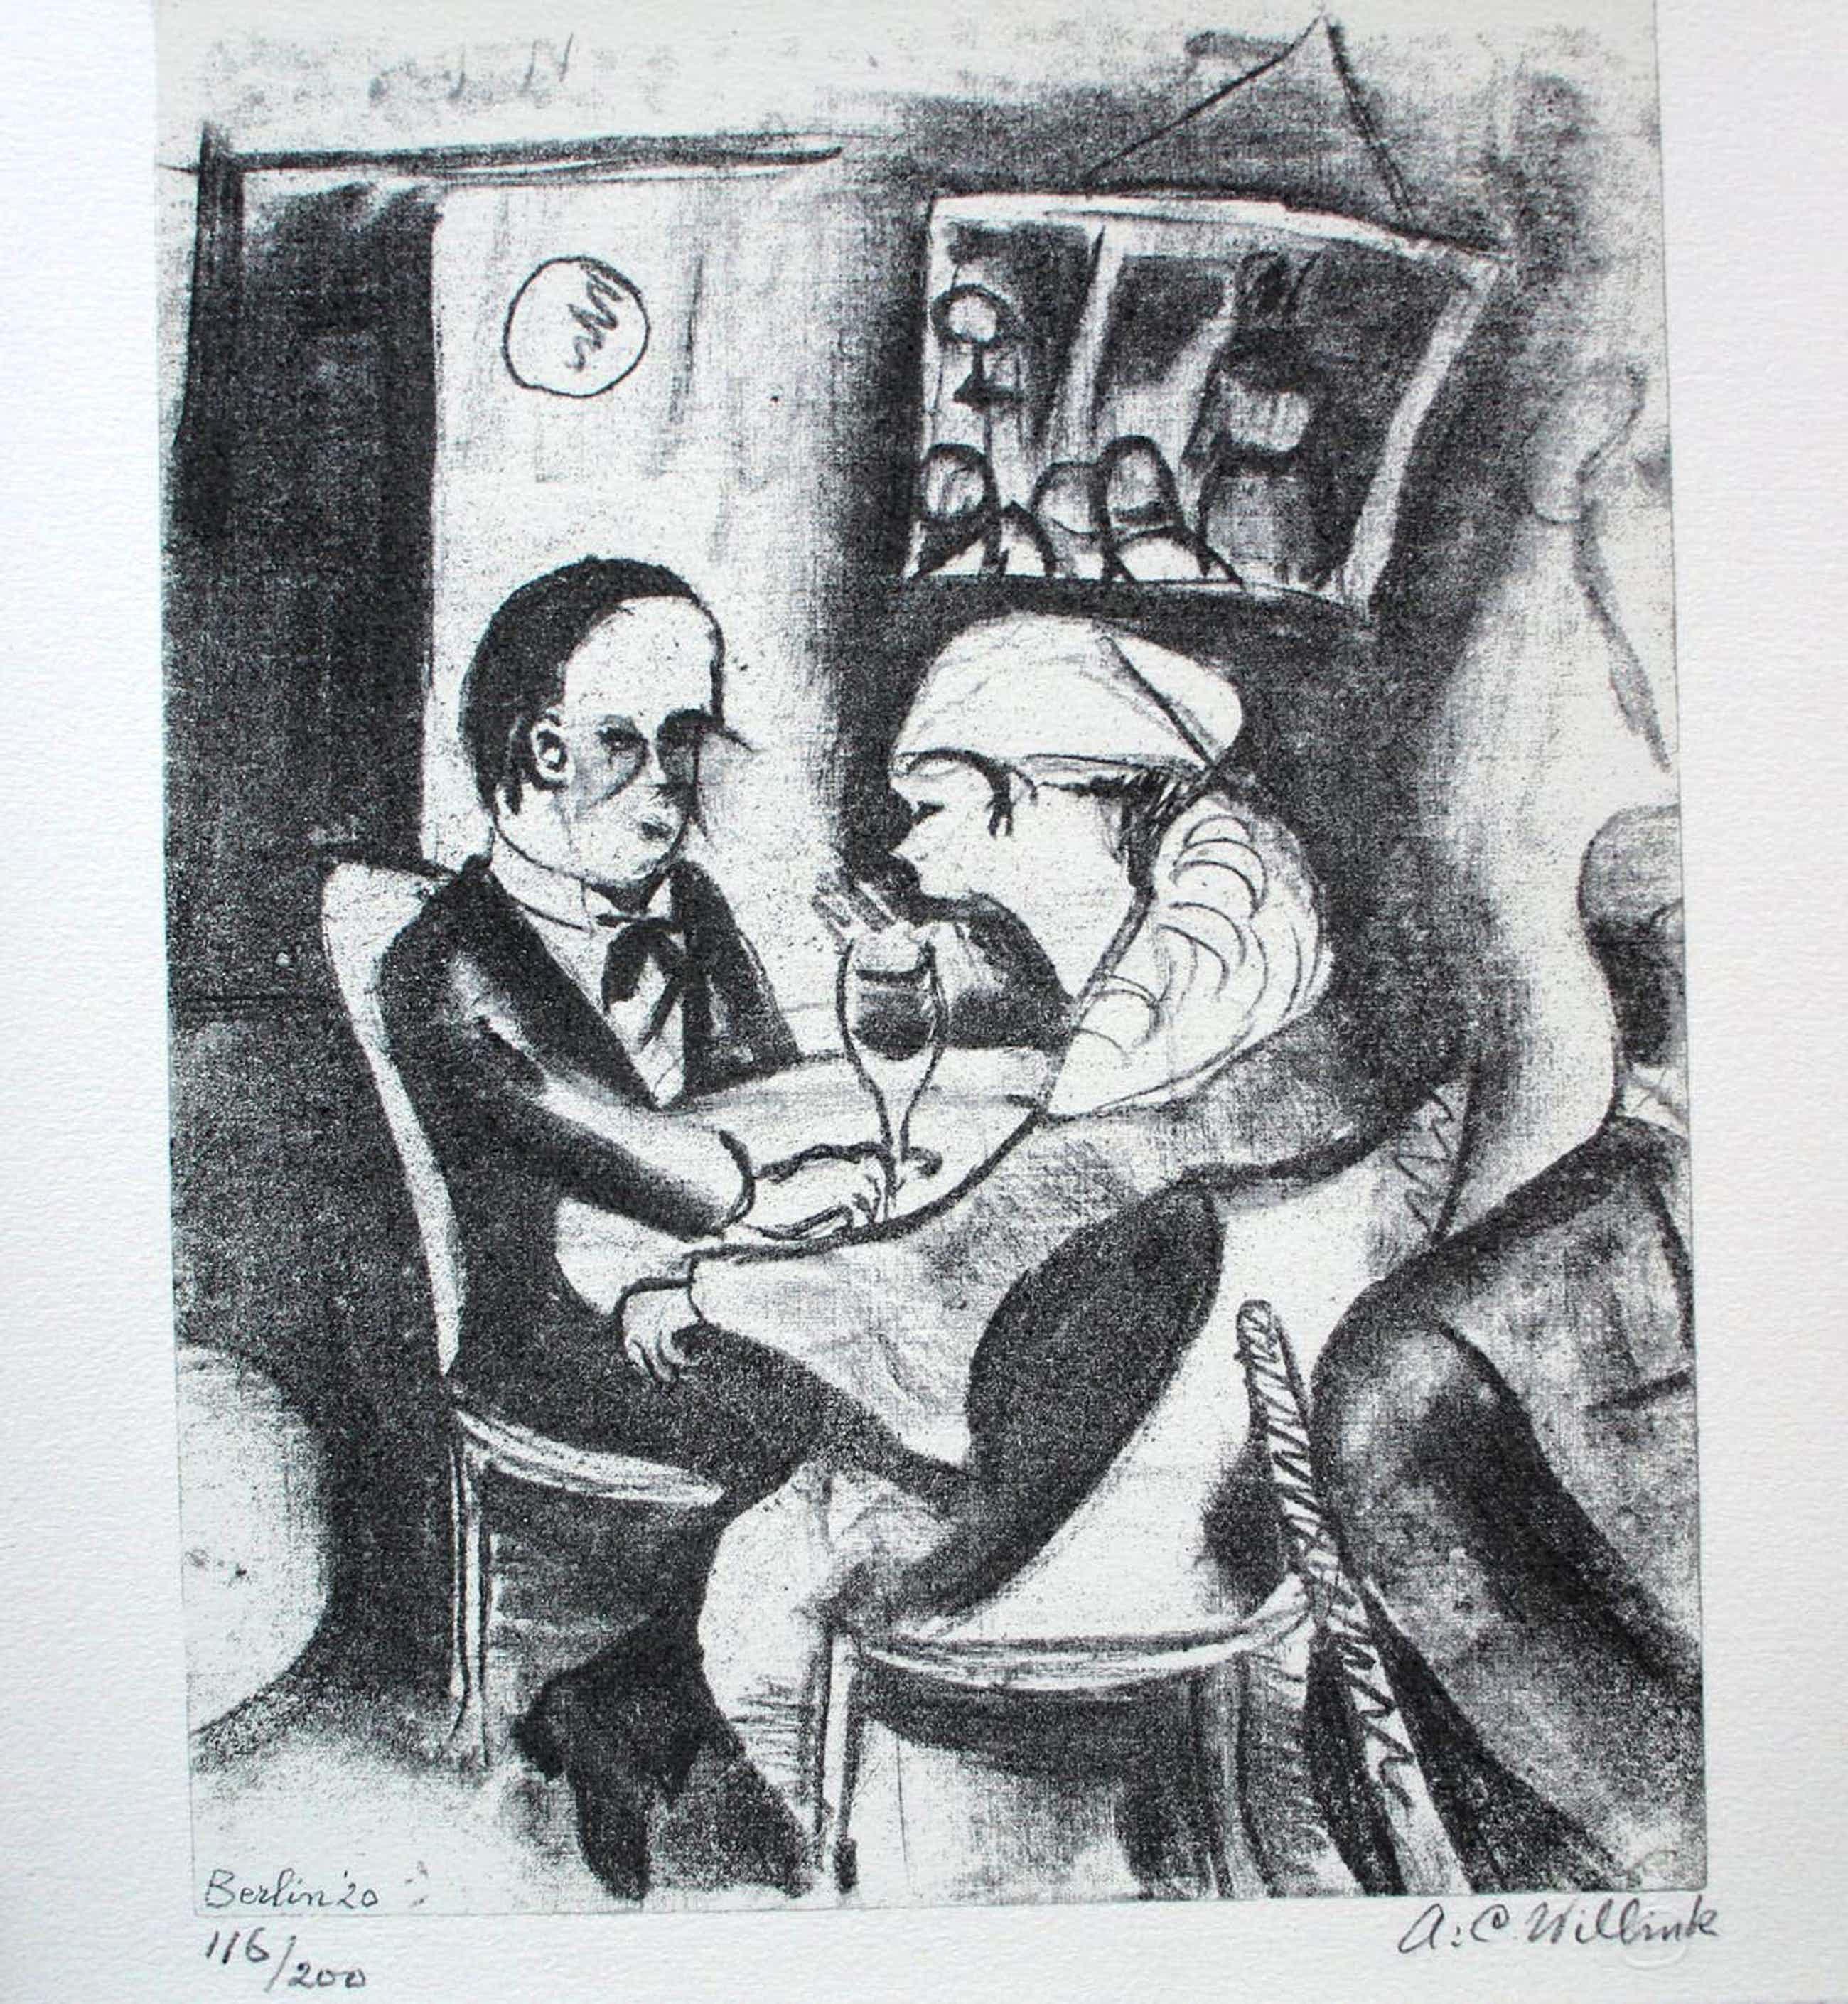 Carel Willink - litho: koppel in een bar - 1920 kopen? Bied vanaf 350!